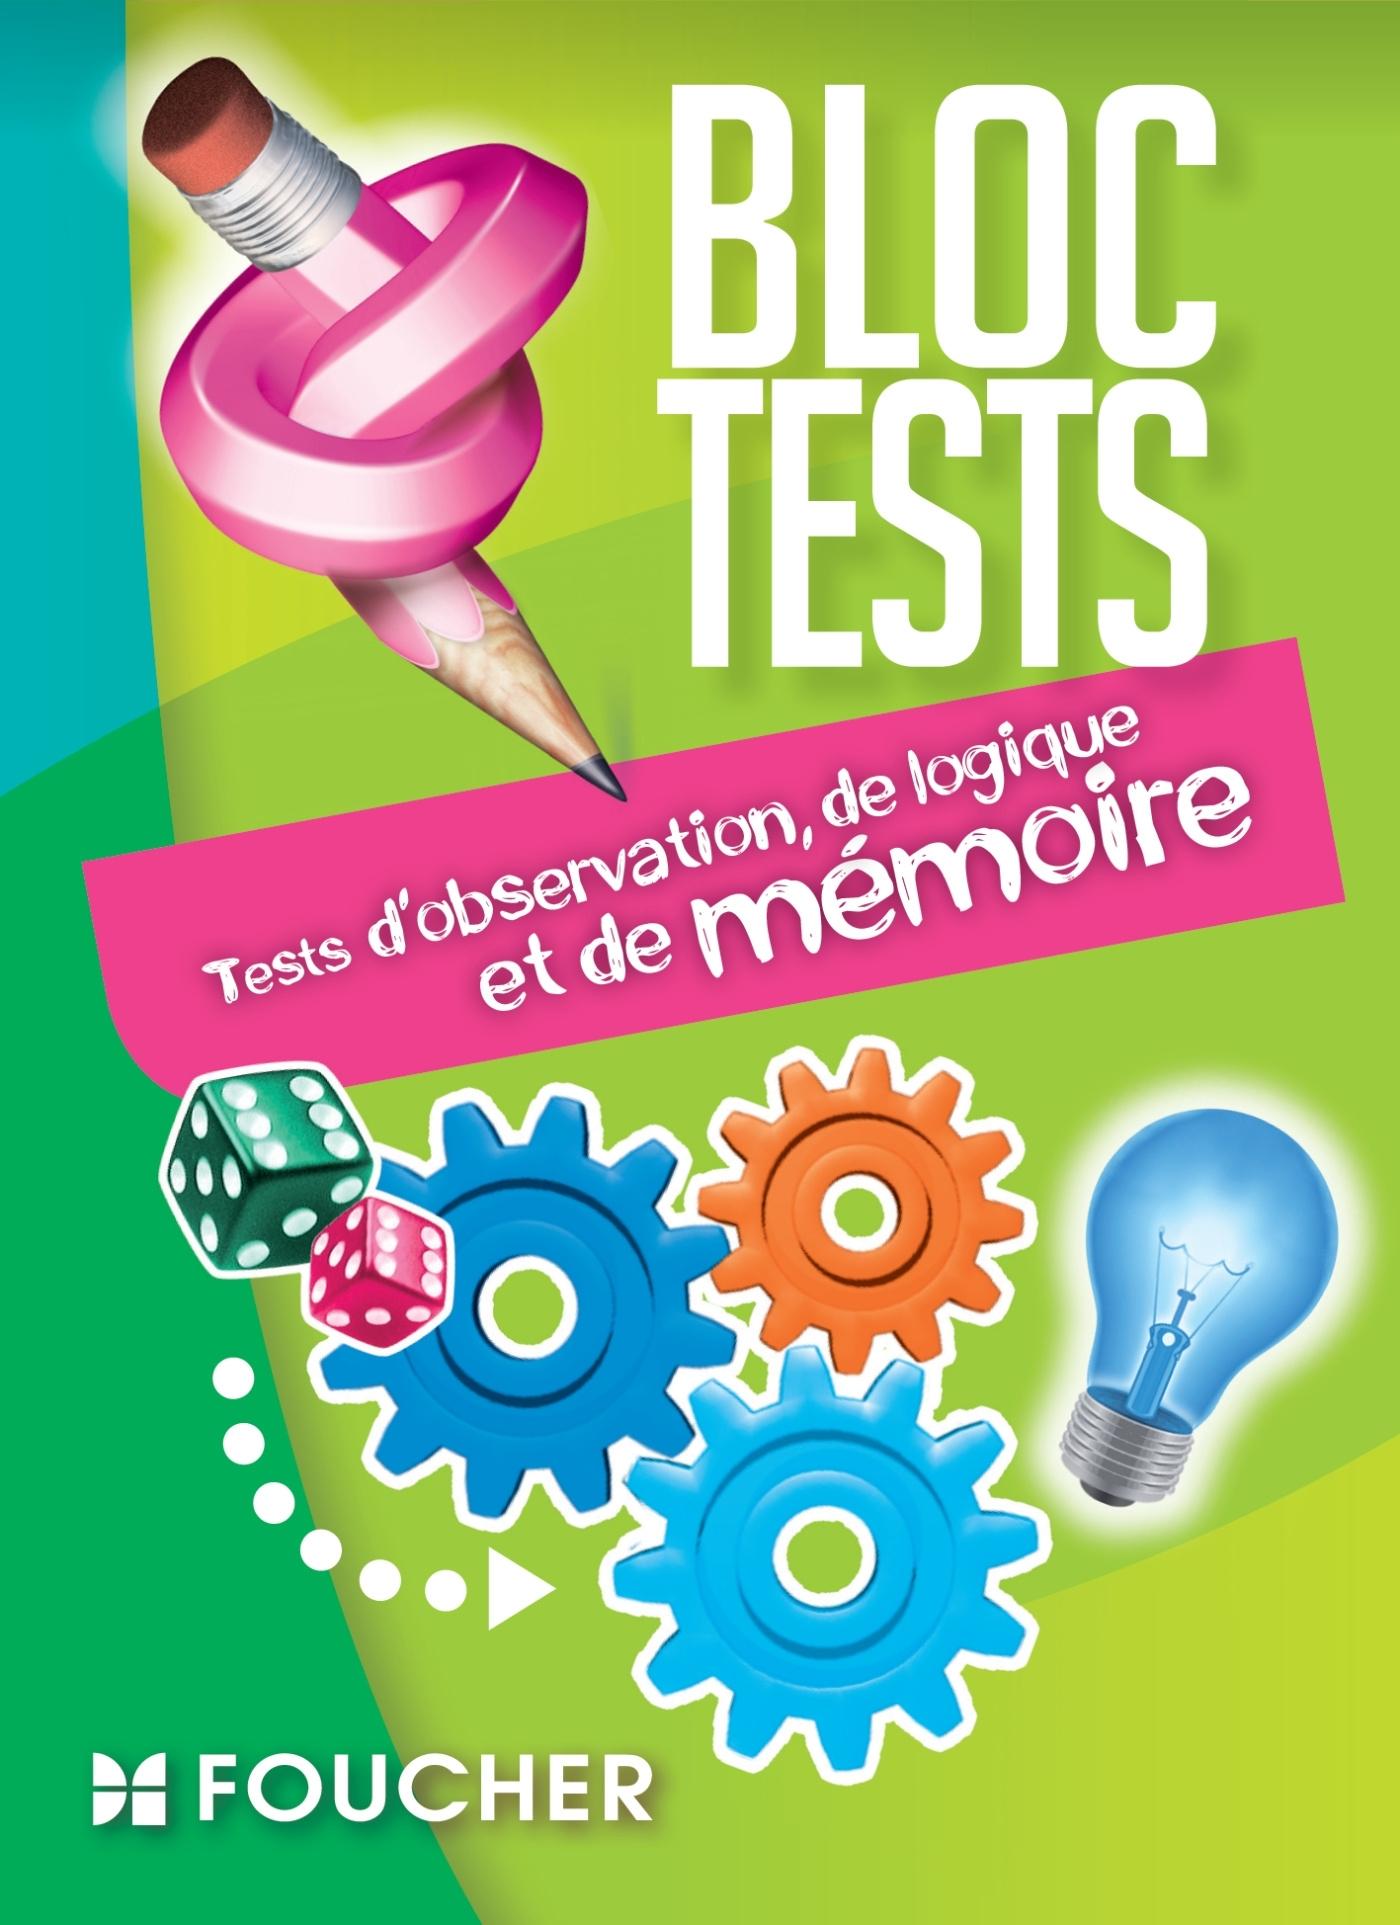 TESTS D'OBSERVATION, DE LOGIQUE ET DE MEMOIRE